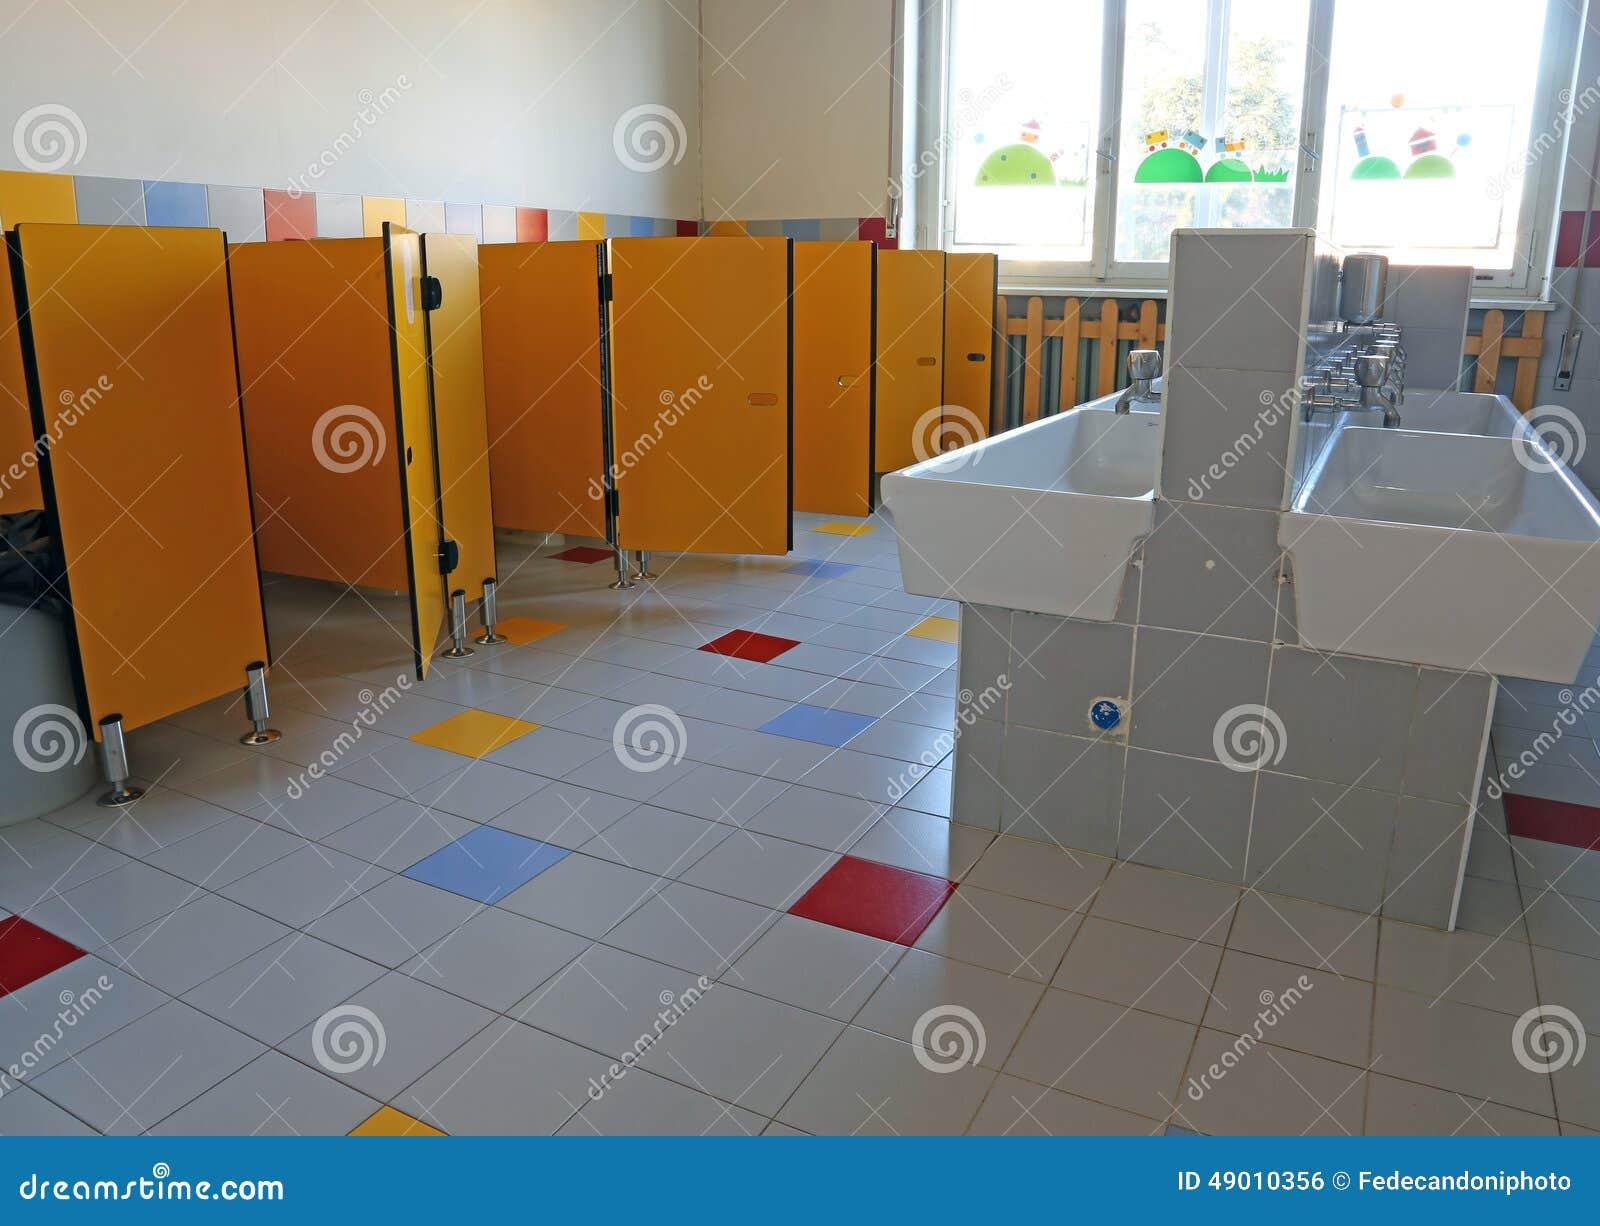 Bagno della scuola materna fotografia stock immagine di mobilia 49010356 - Tette bagno scuola ...